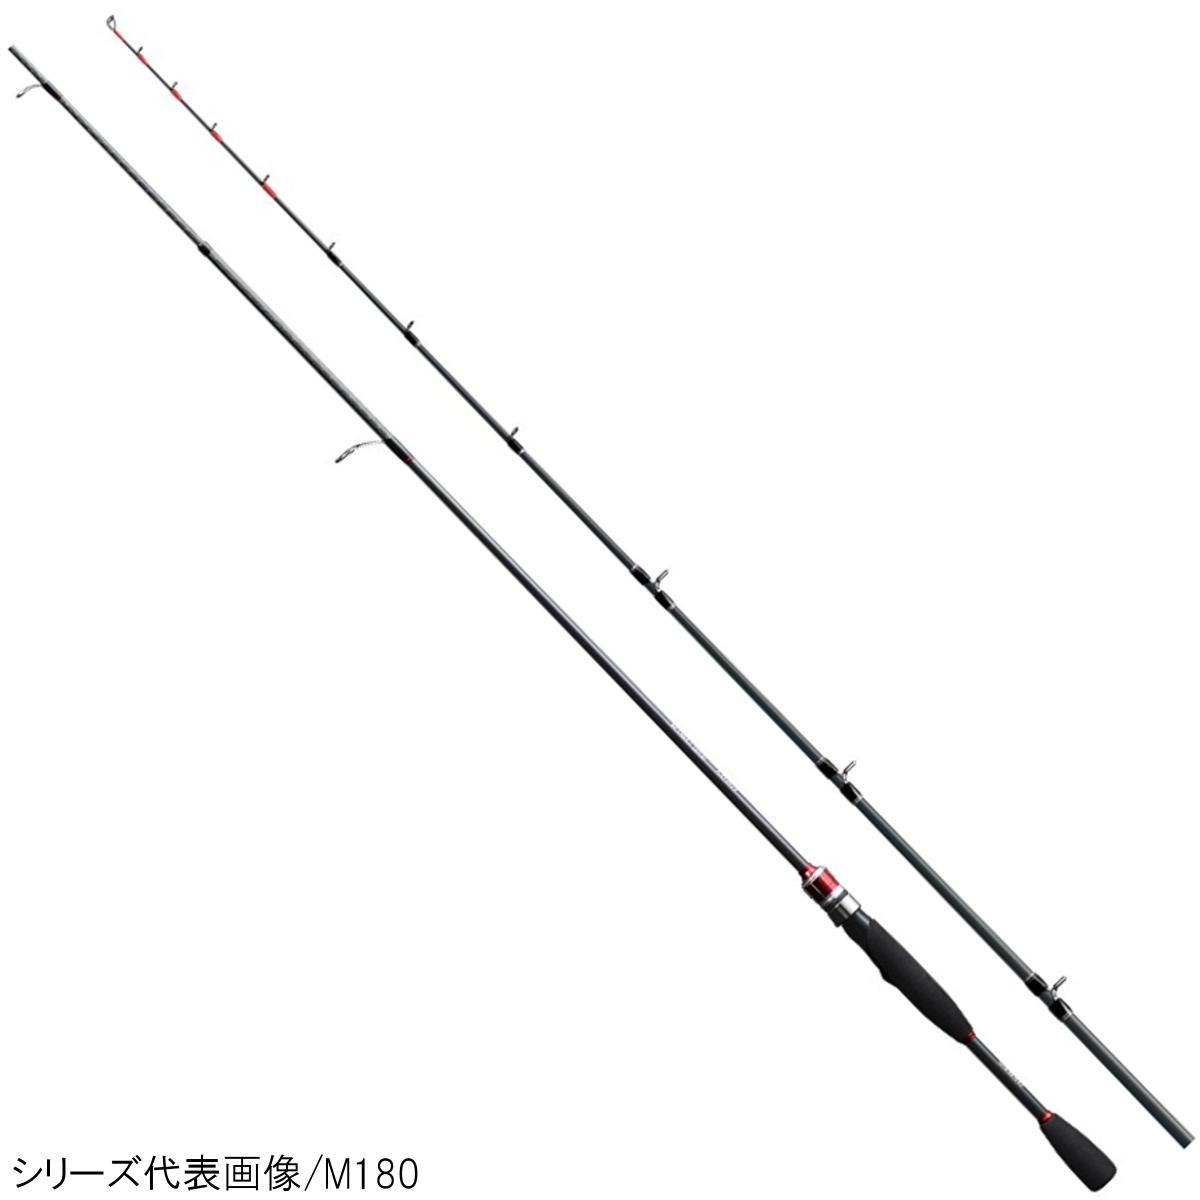 シマノ キス BB H180(東日本店)